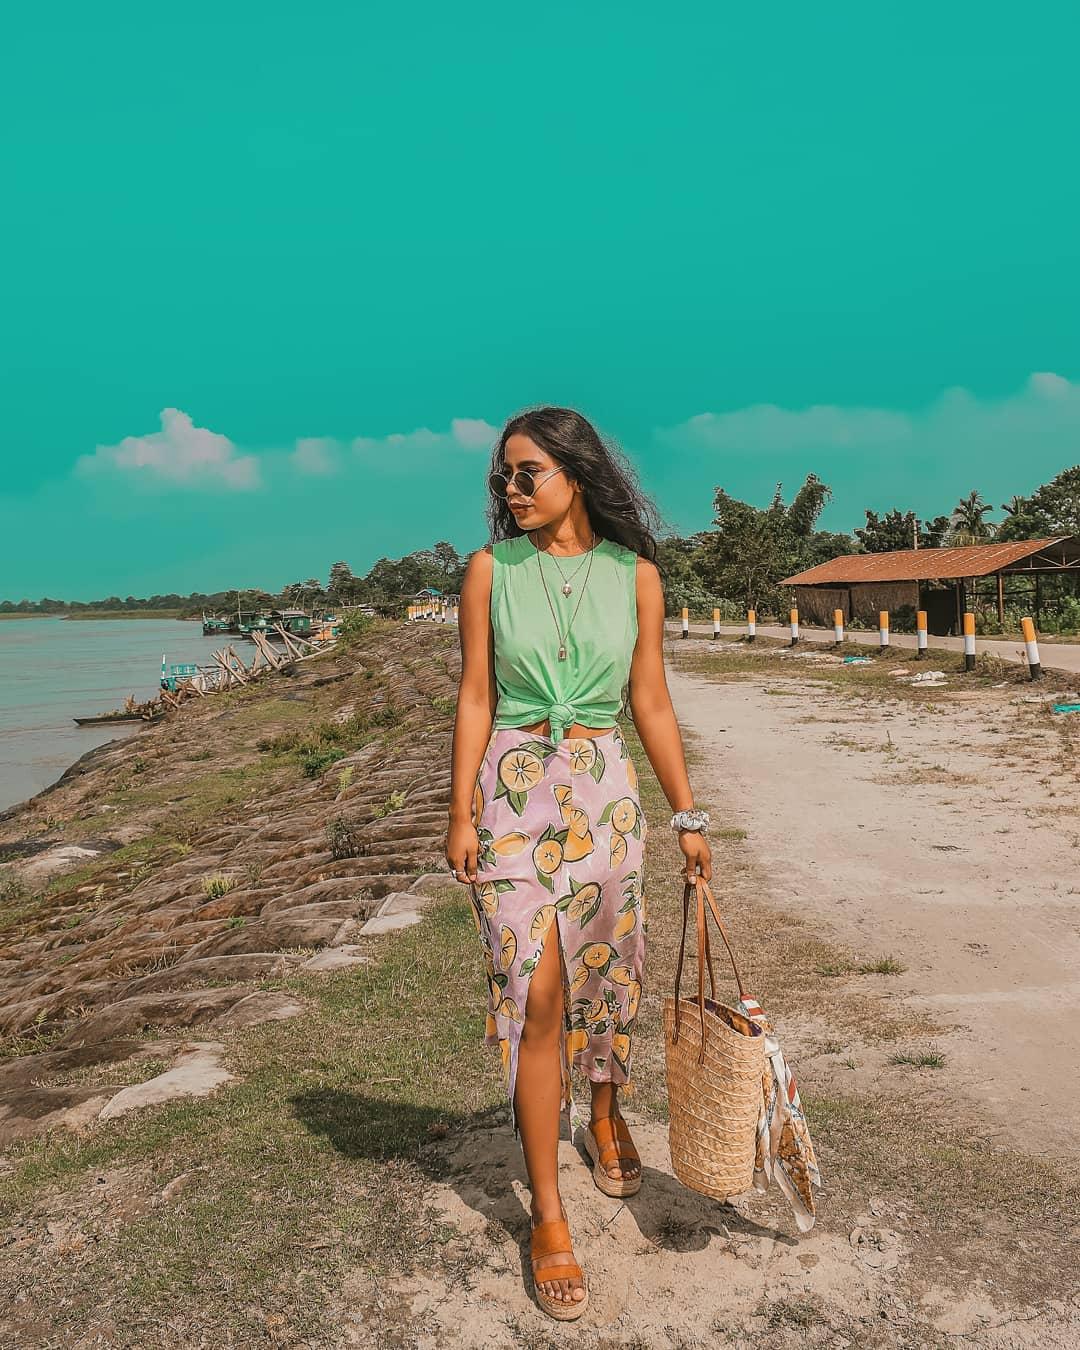 skirt with lemon print de Zara sur fashion_peopleandplaces